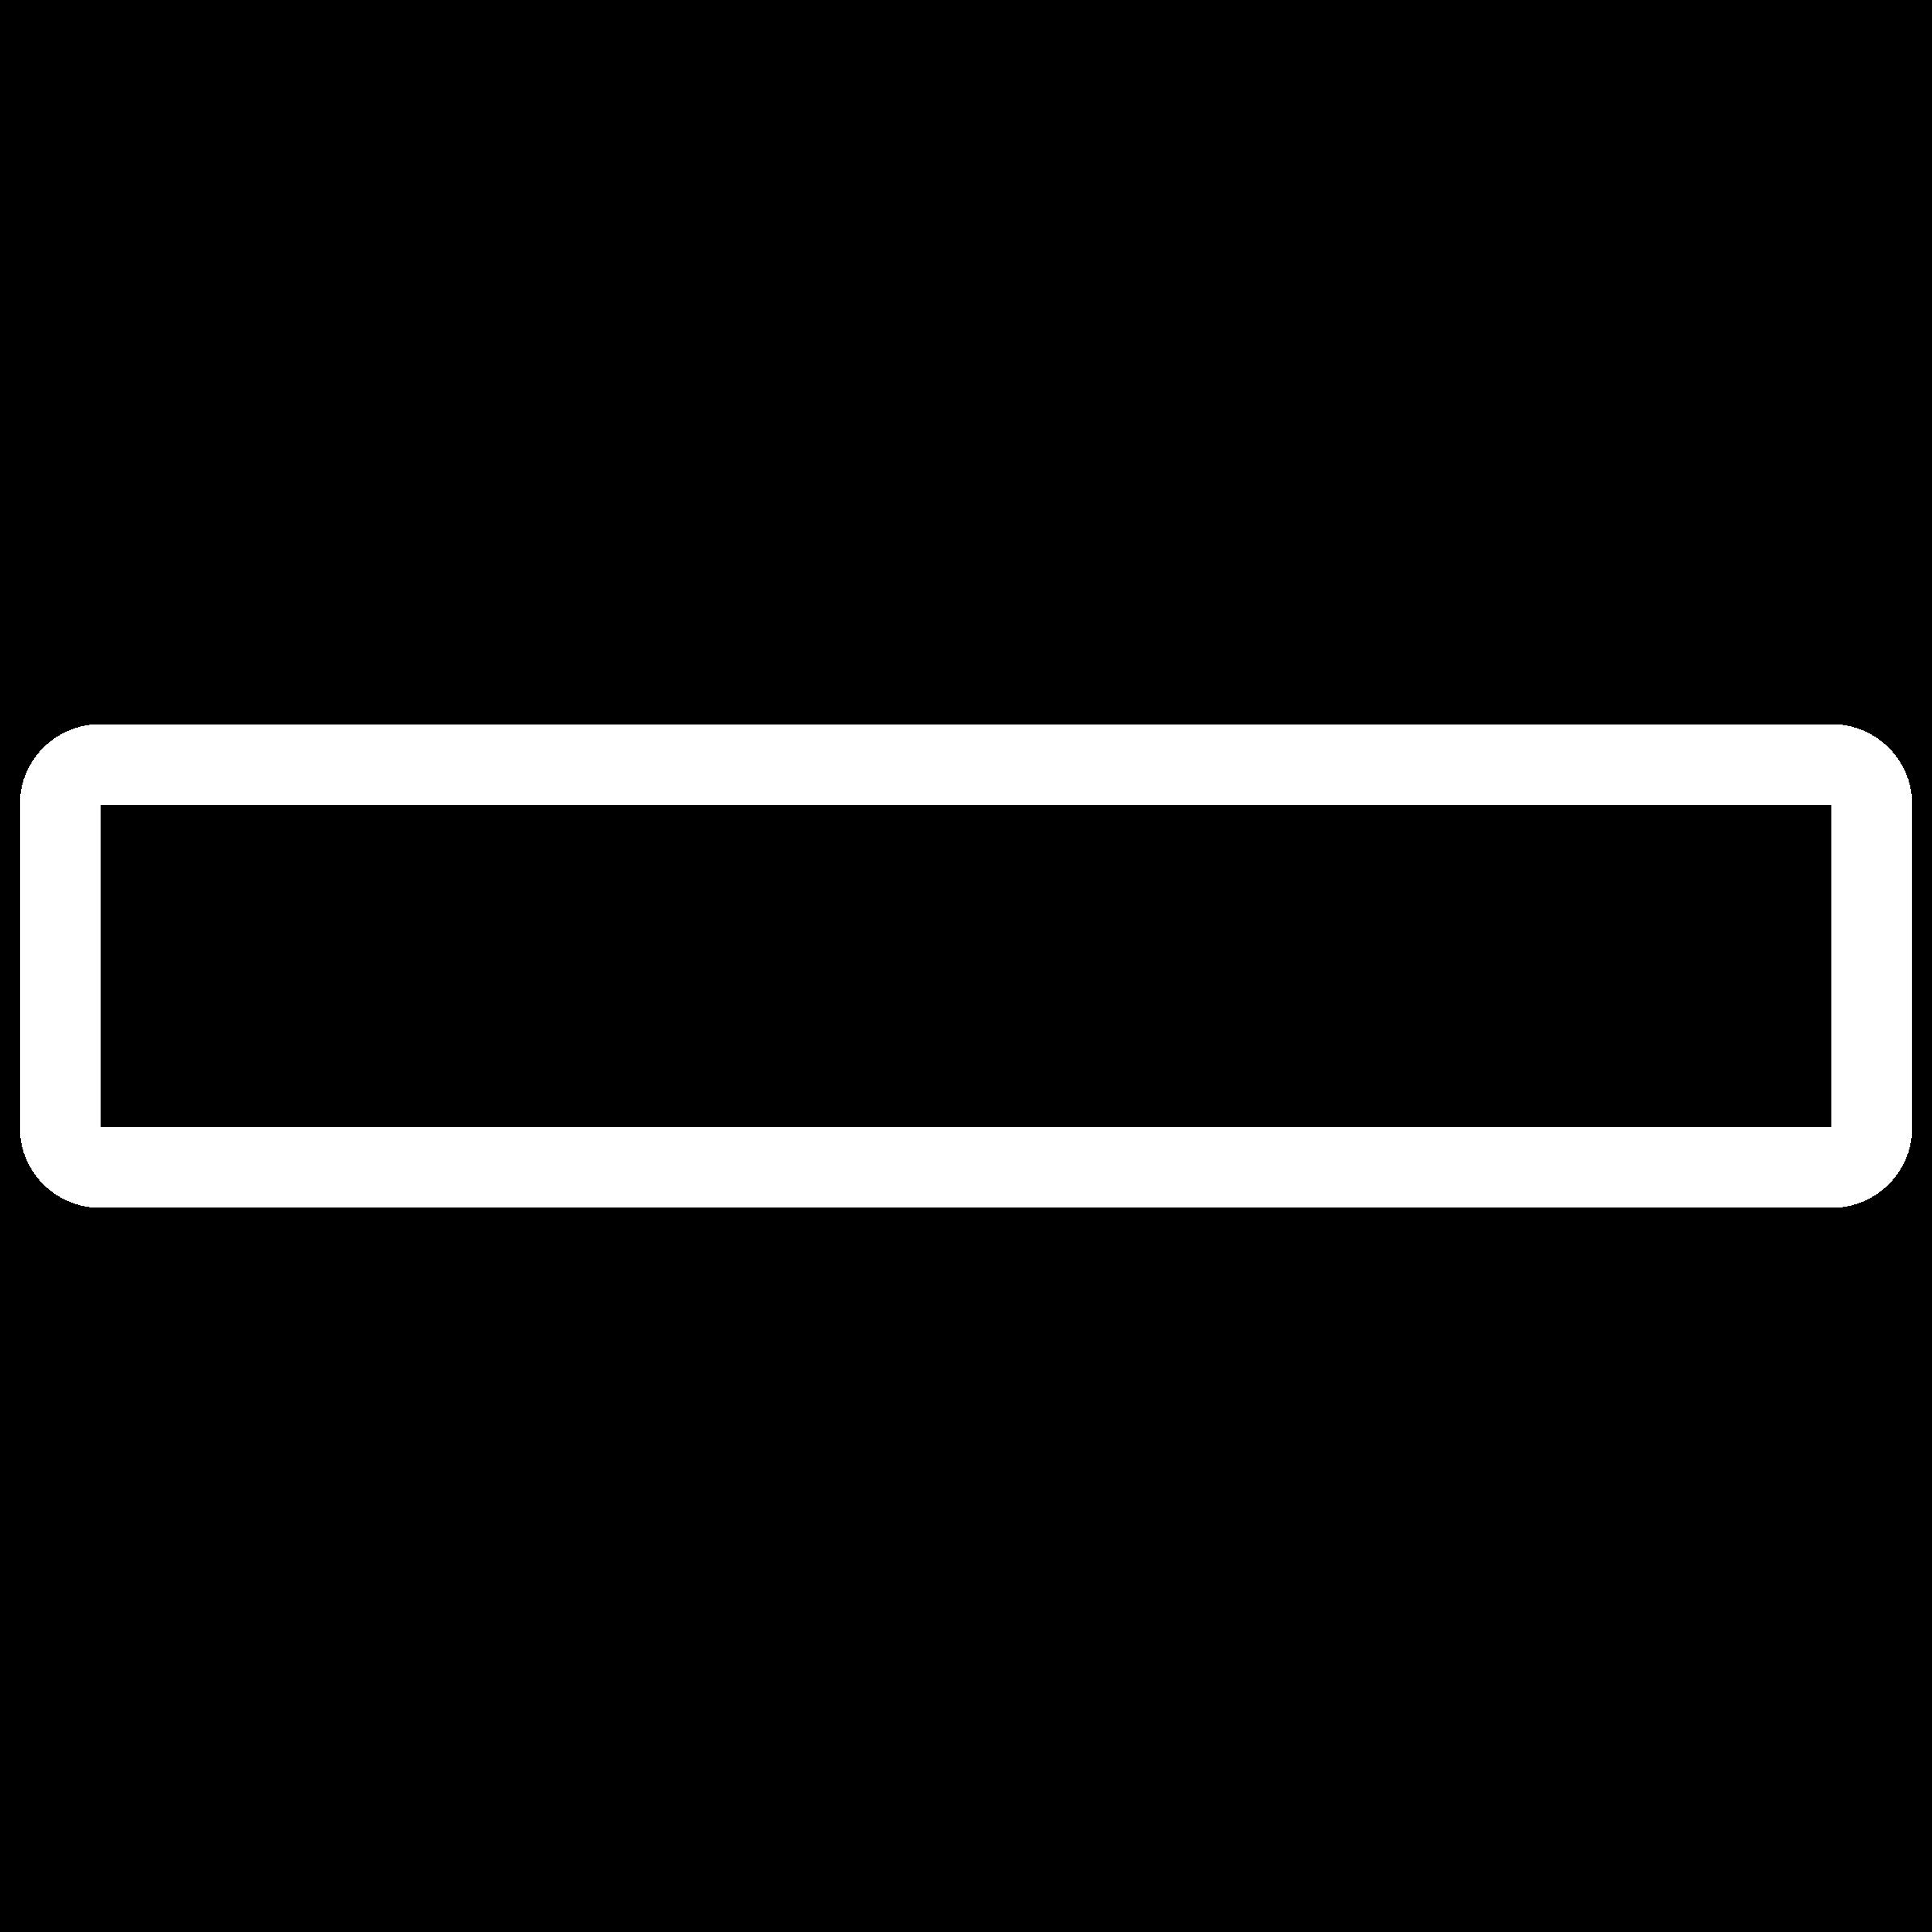 PNG черная линия